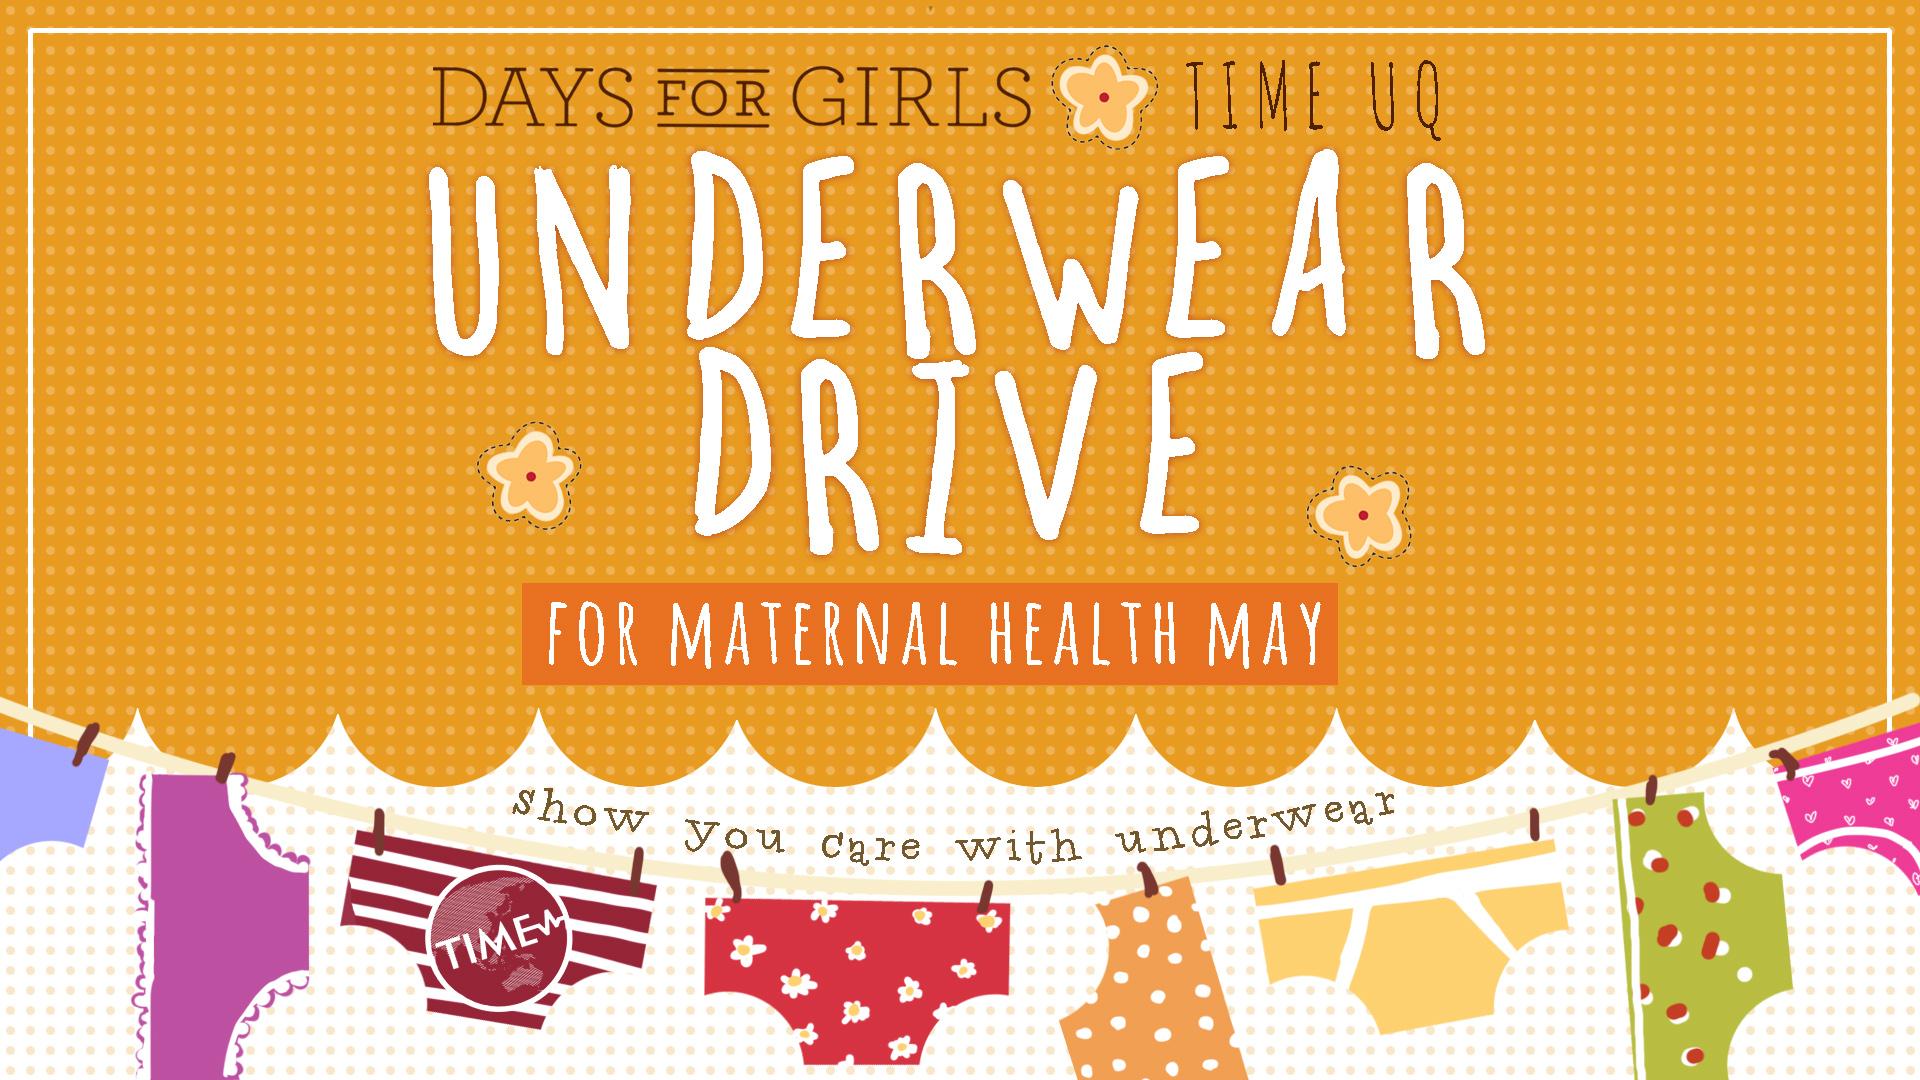 Underwear Drive.jpg